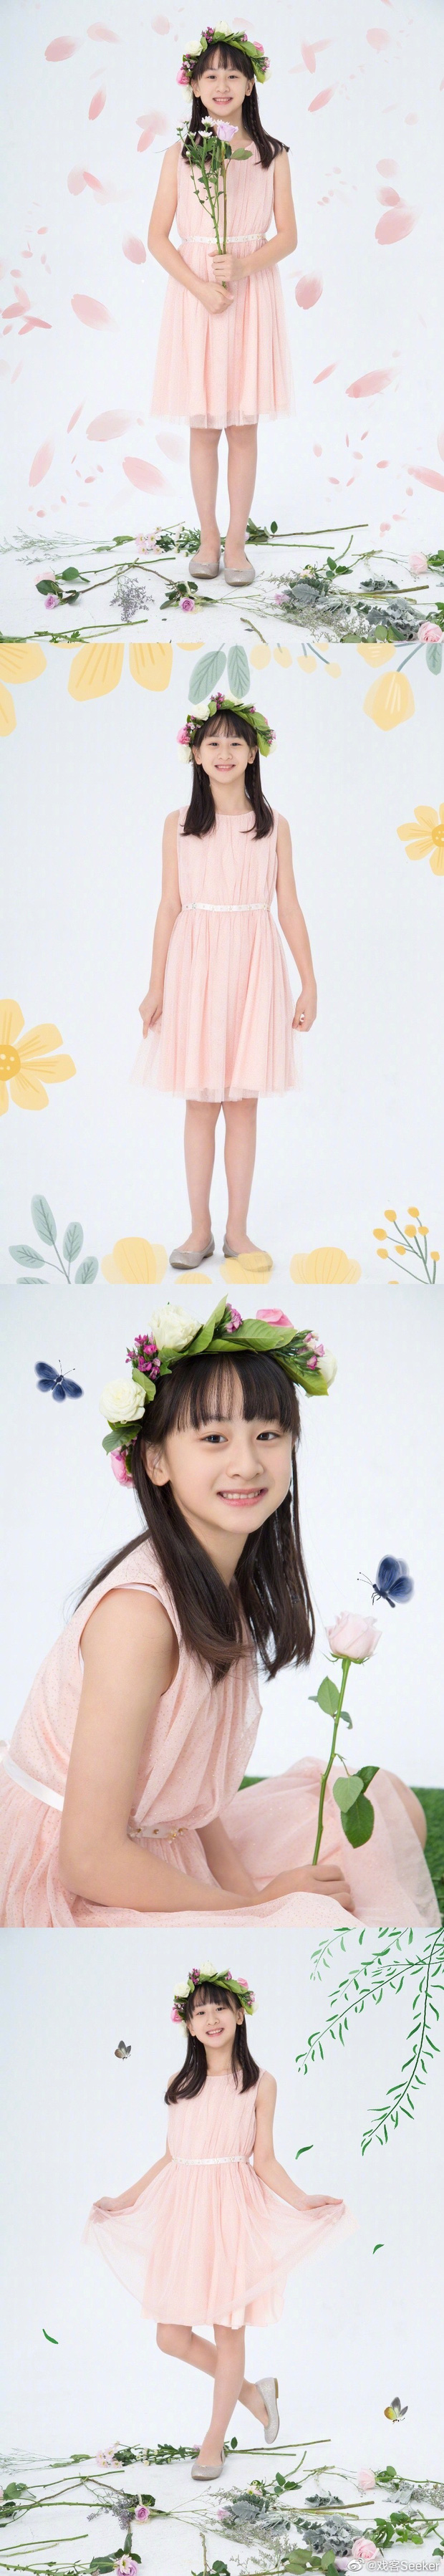 Top 1 trending Weibo: Sao nhí Bố ơi bản Trung gây sốt với chiều cao 1m70 không ai ngờ dù chỉ mới 11 tuổi - Ảnh 10.